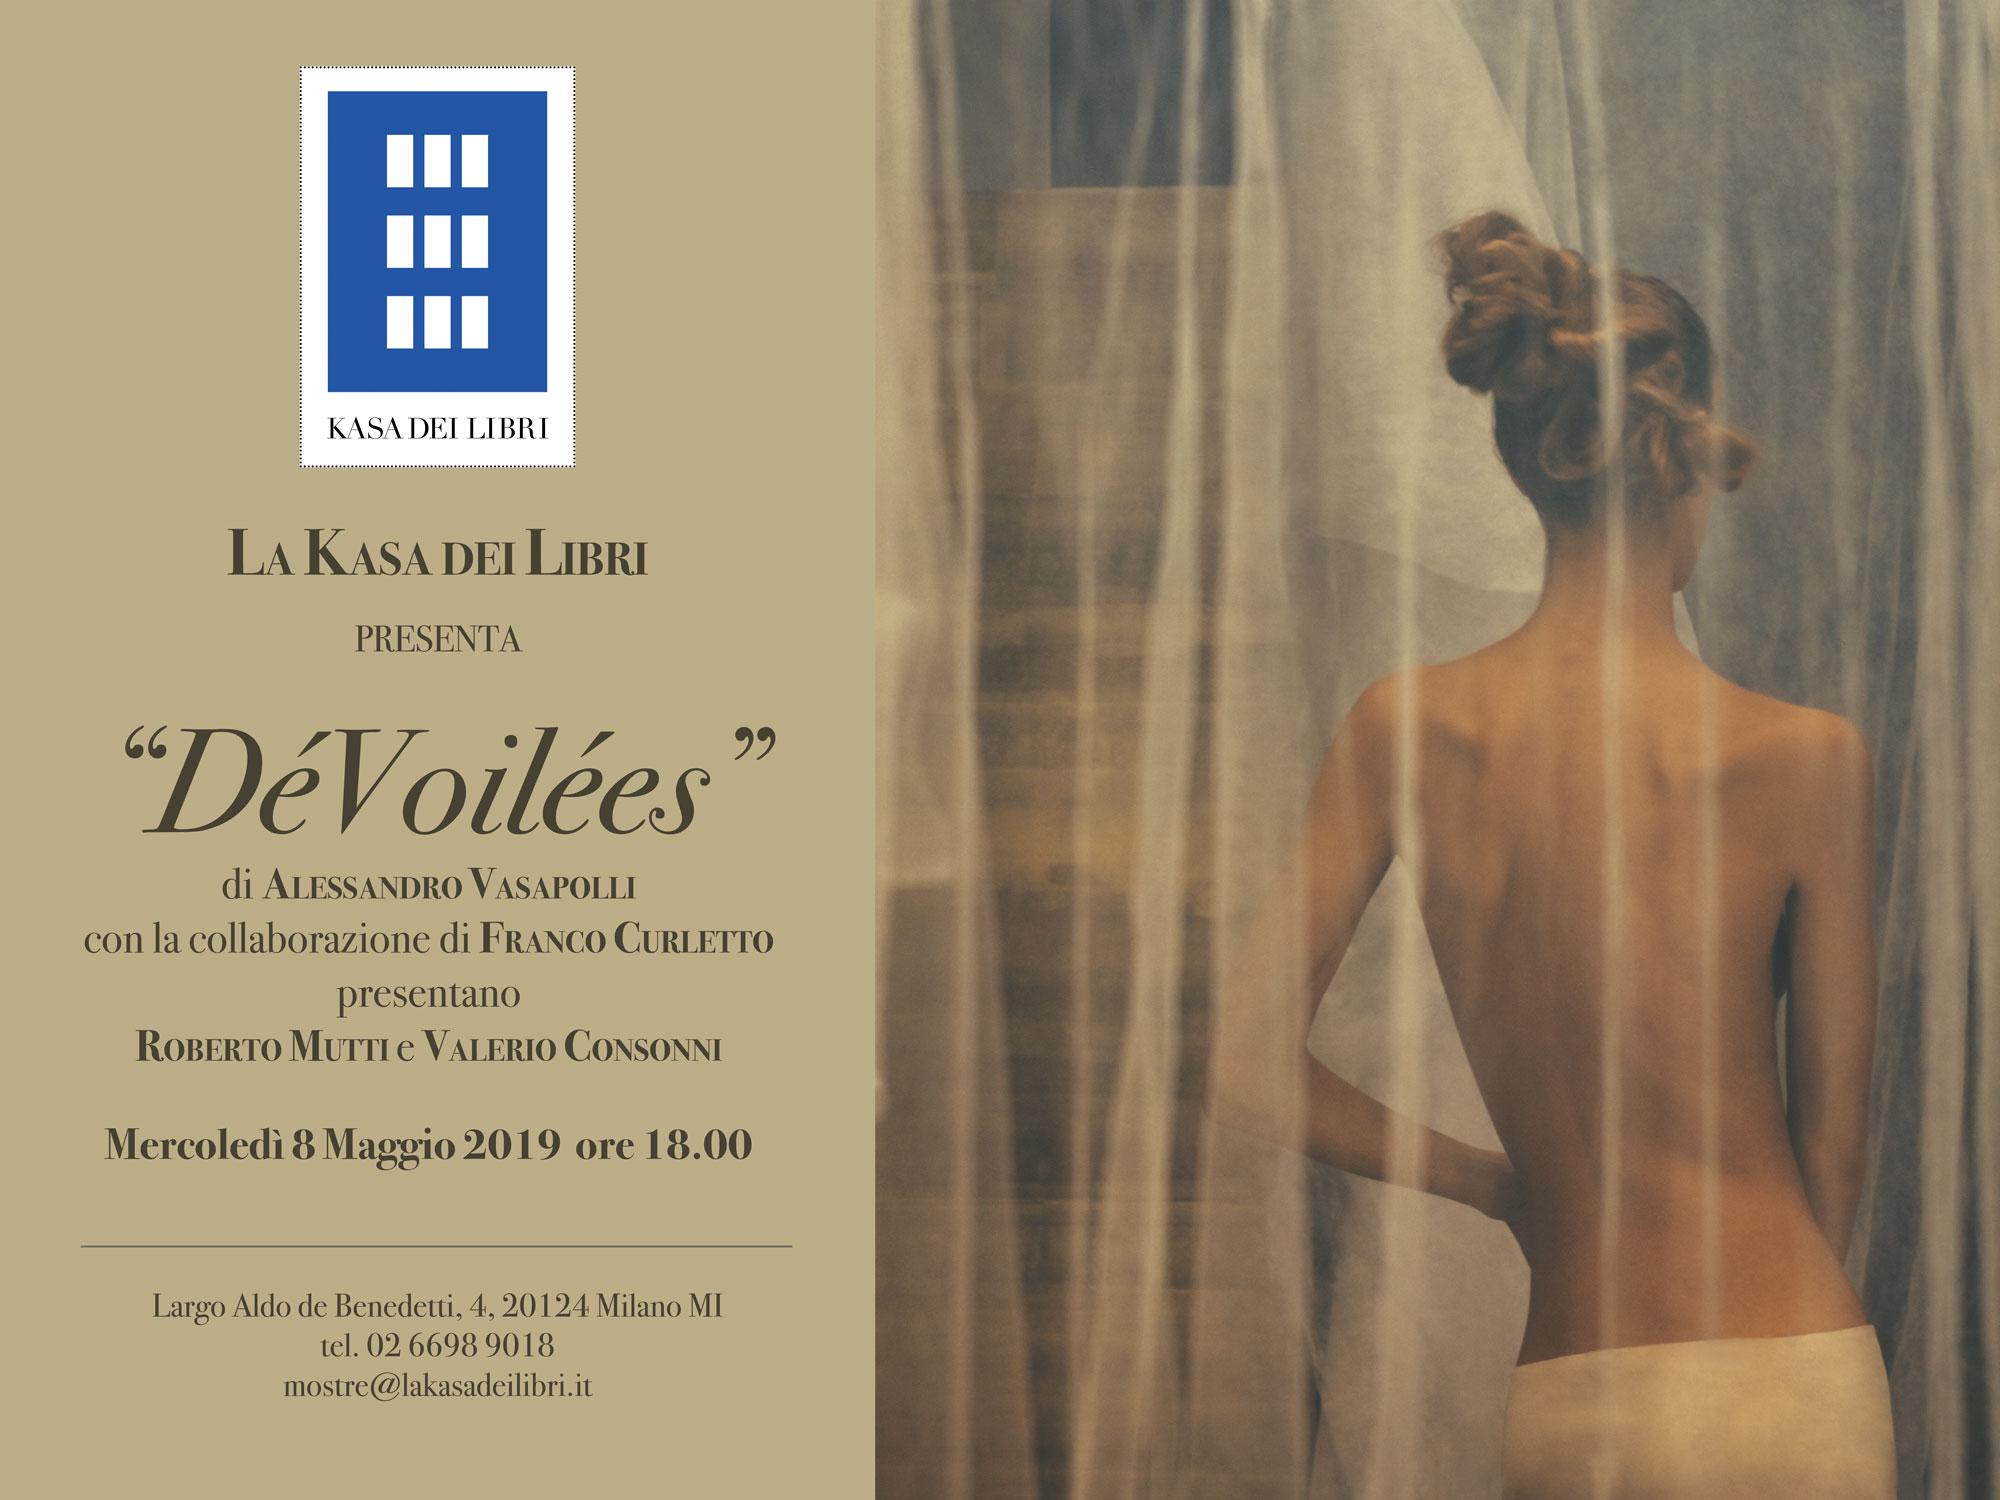 Presentazione_La_Kasa_dei_Libri_09_05_2019_Alessandro_Vasapolli_Devoilees